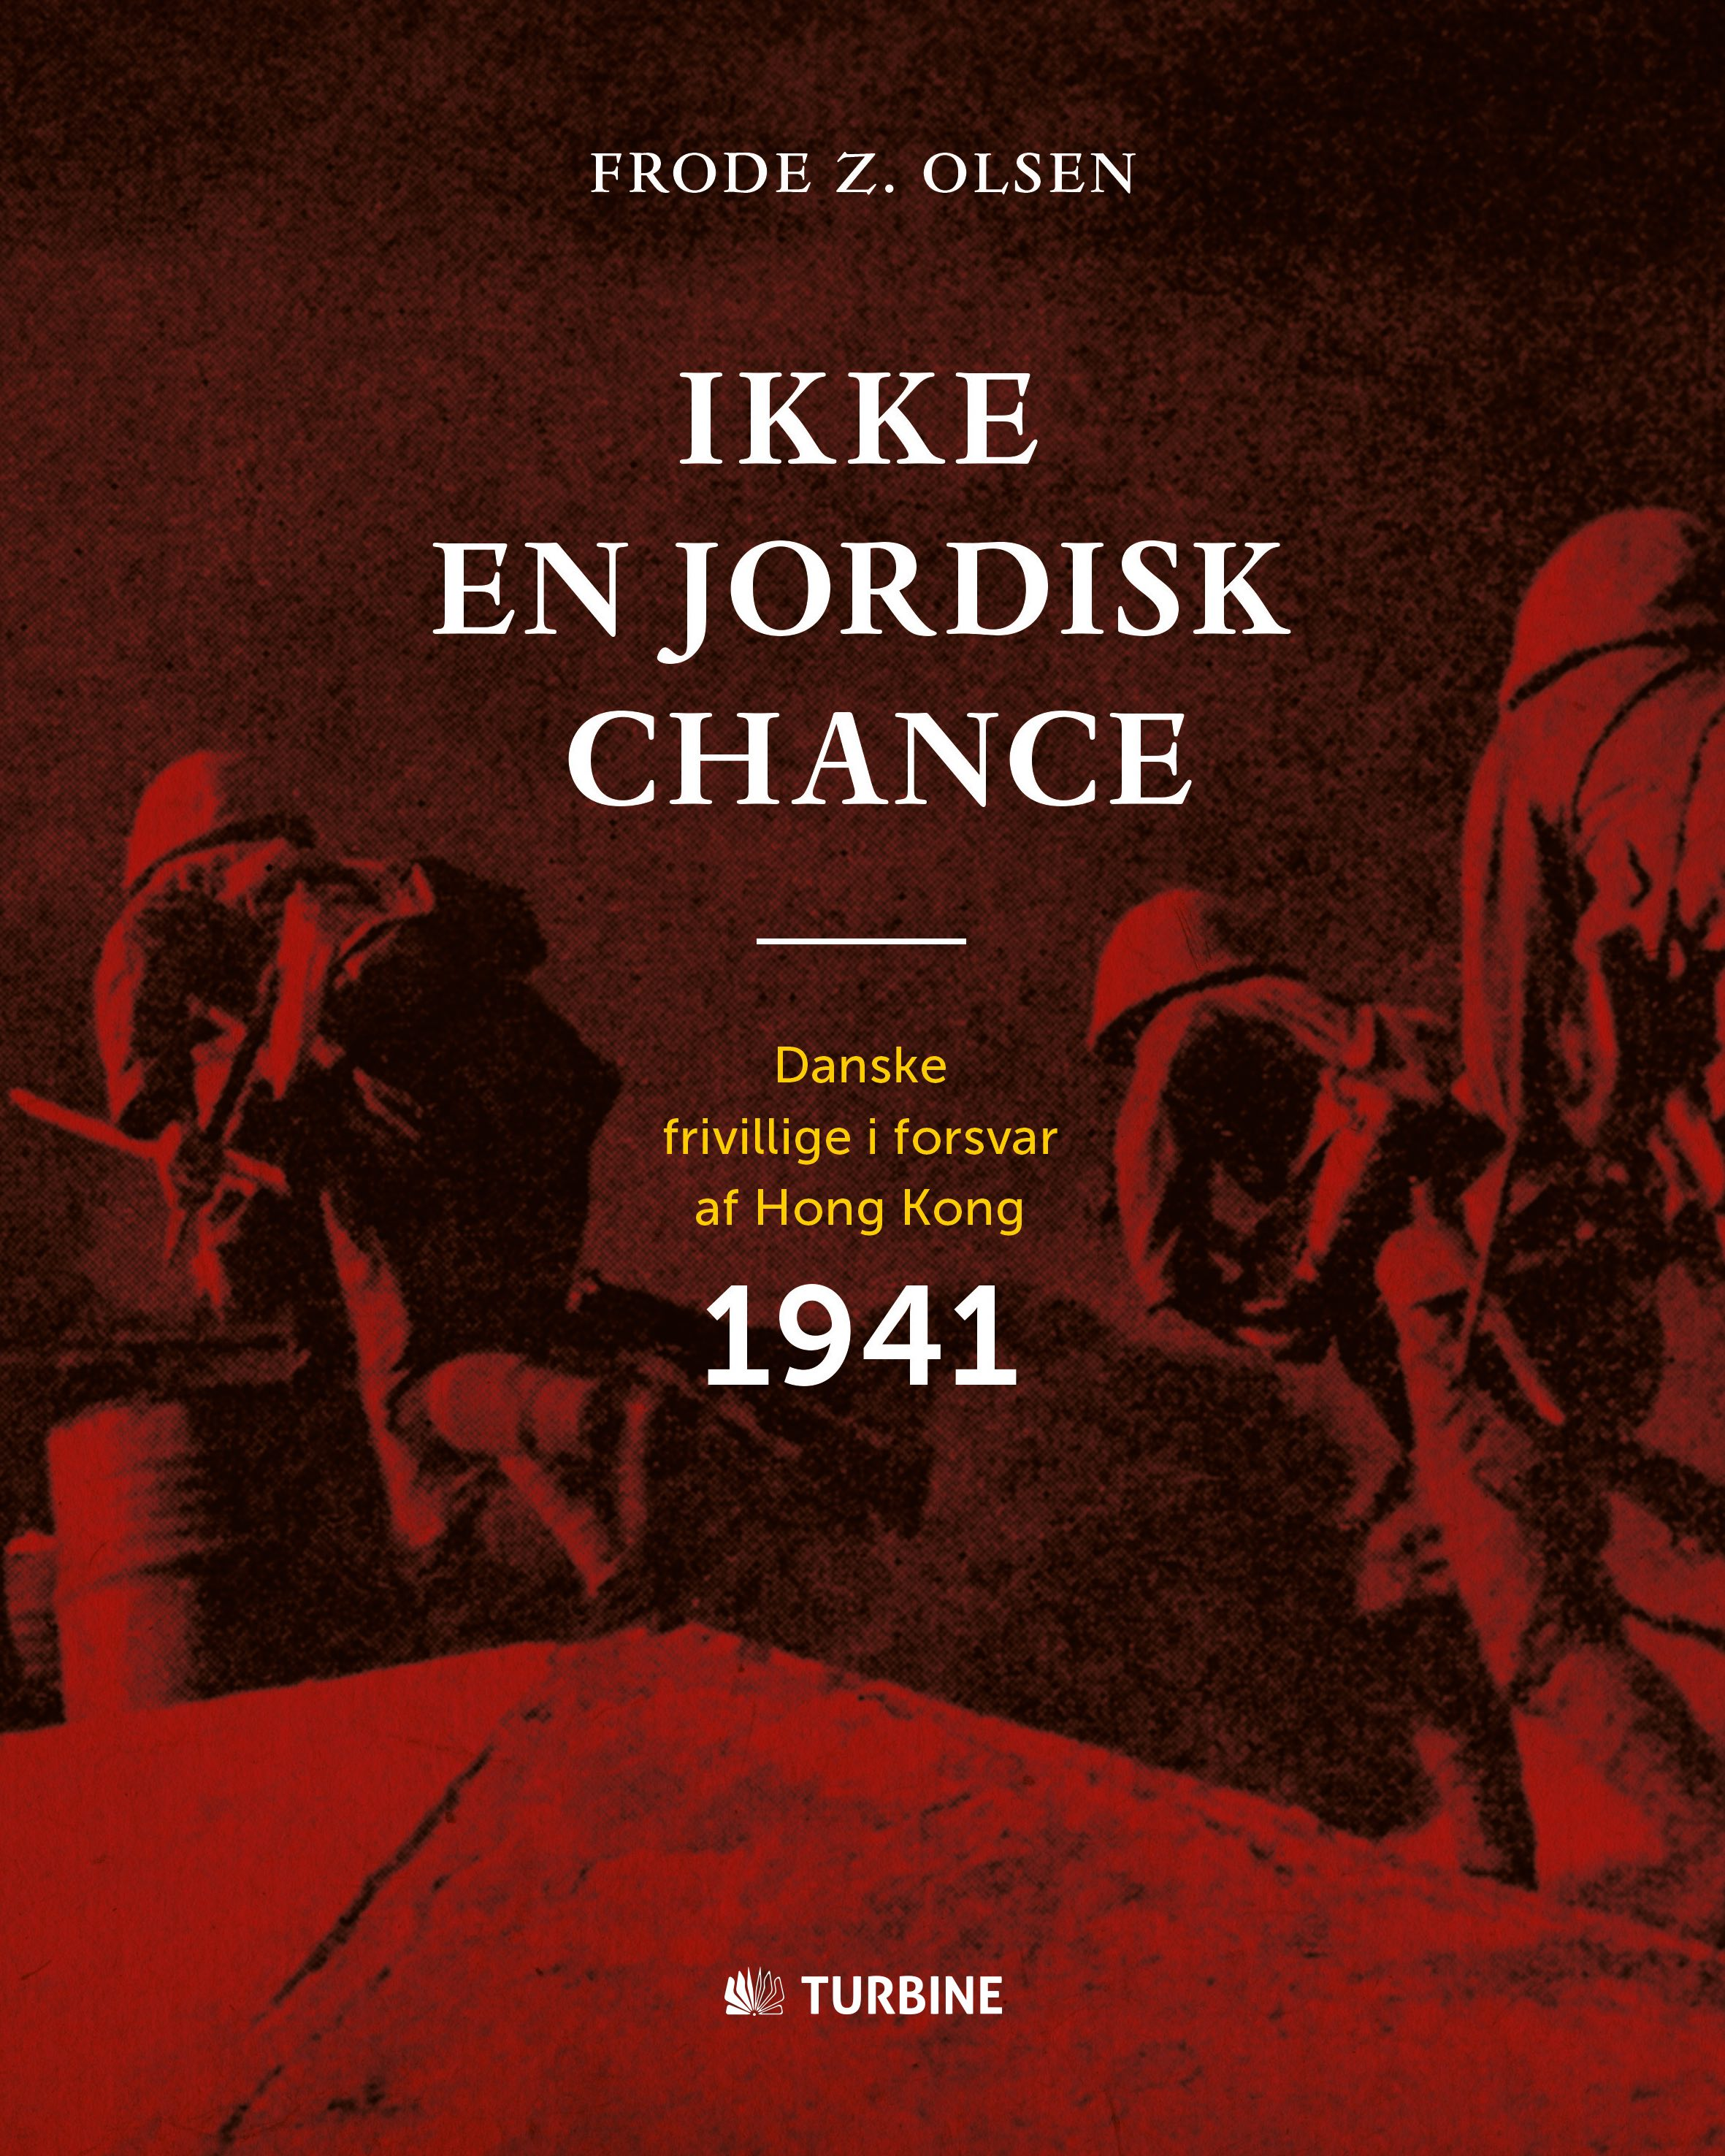 Ikke en jordisk chance, danske frivillige i forsvar af Hong Kong 1941